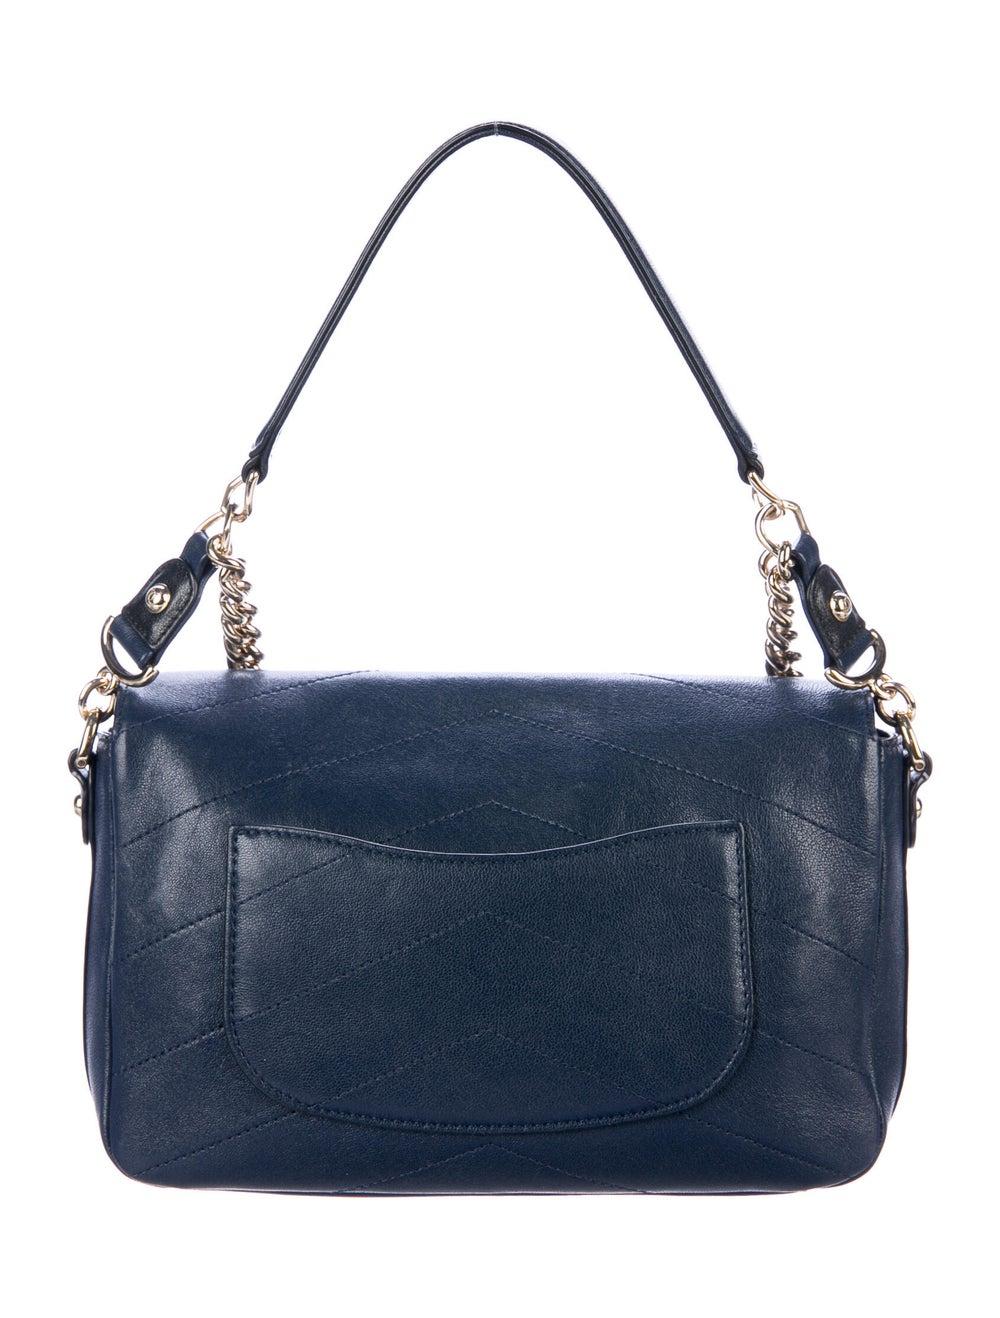 Chanel Paris-Hamburg Double Chevron Flap Bag Blue - image 4